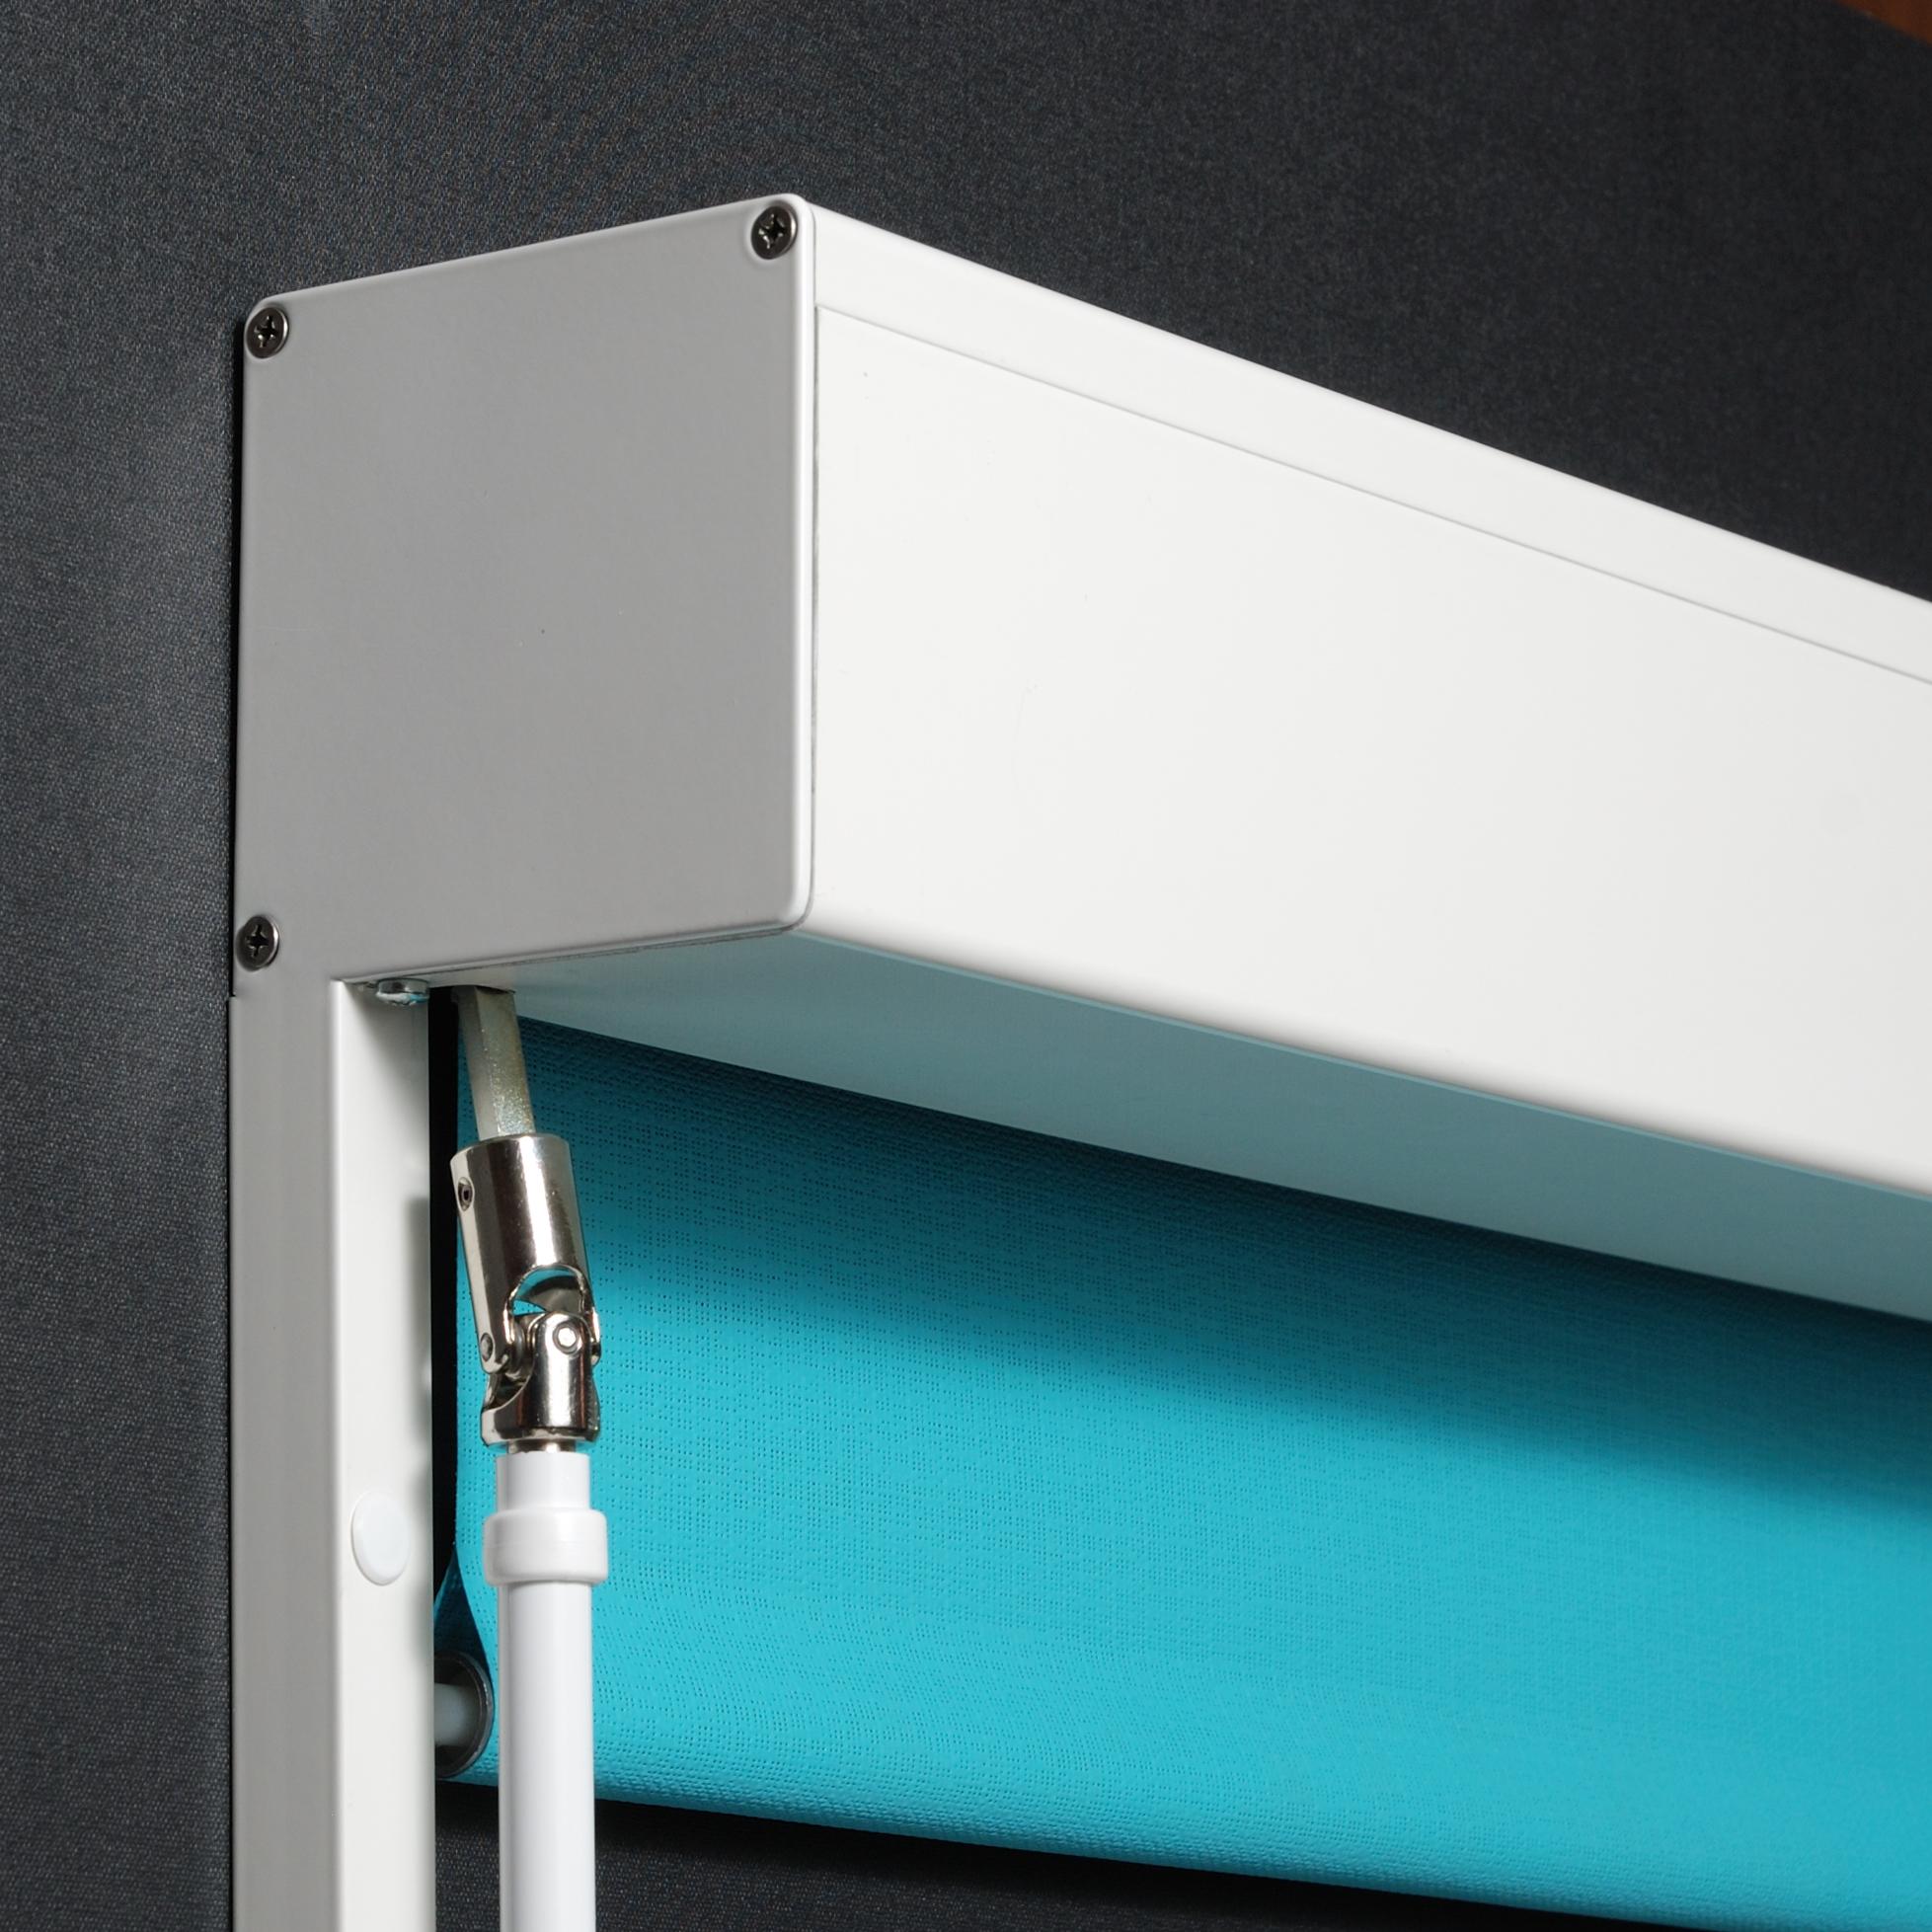 probox 102 la clinique du store et du volet roulant. Black Bedroom Furniture Sets. Home Design Ideas